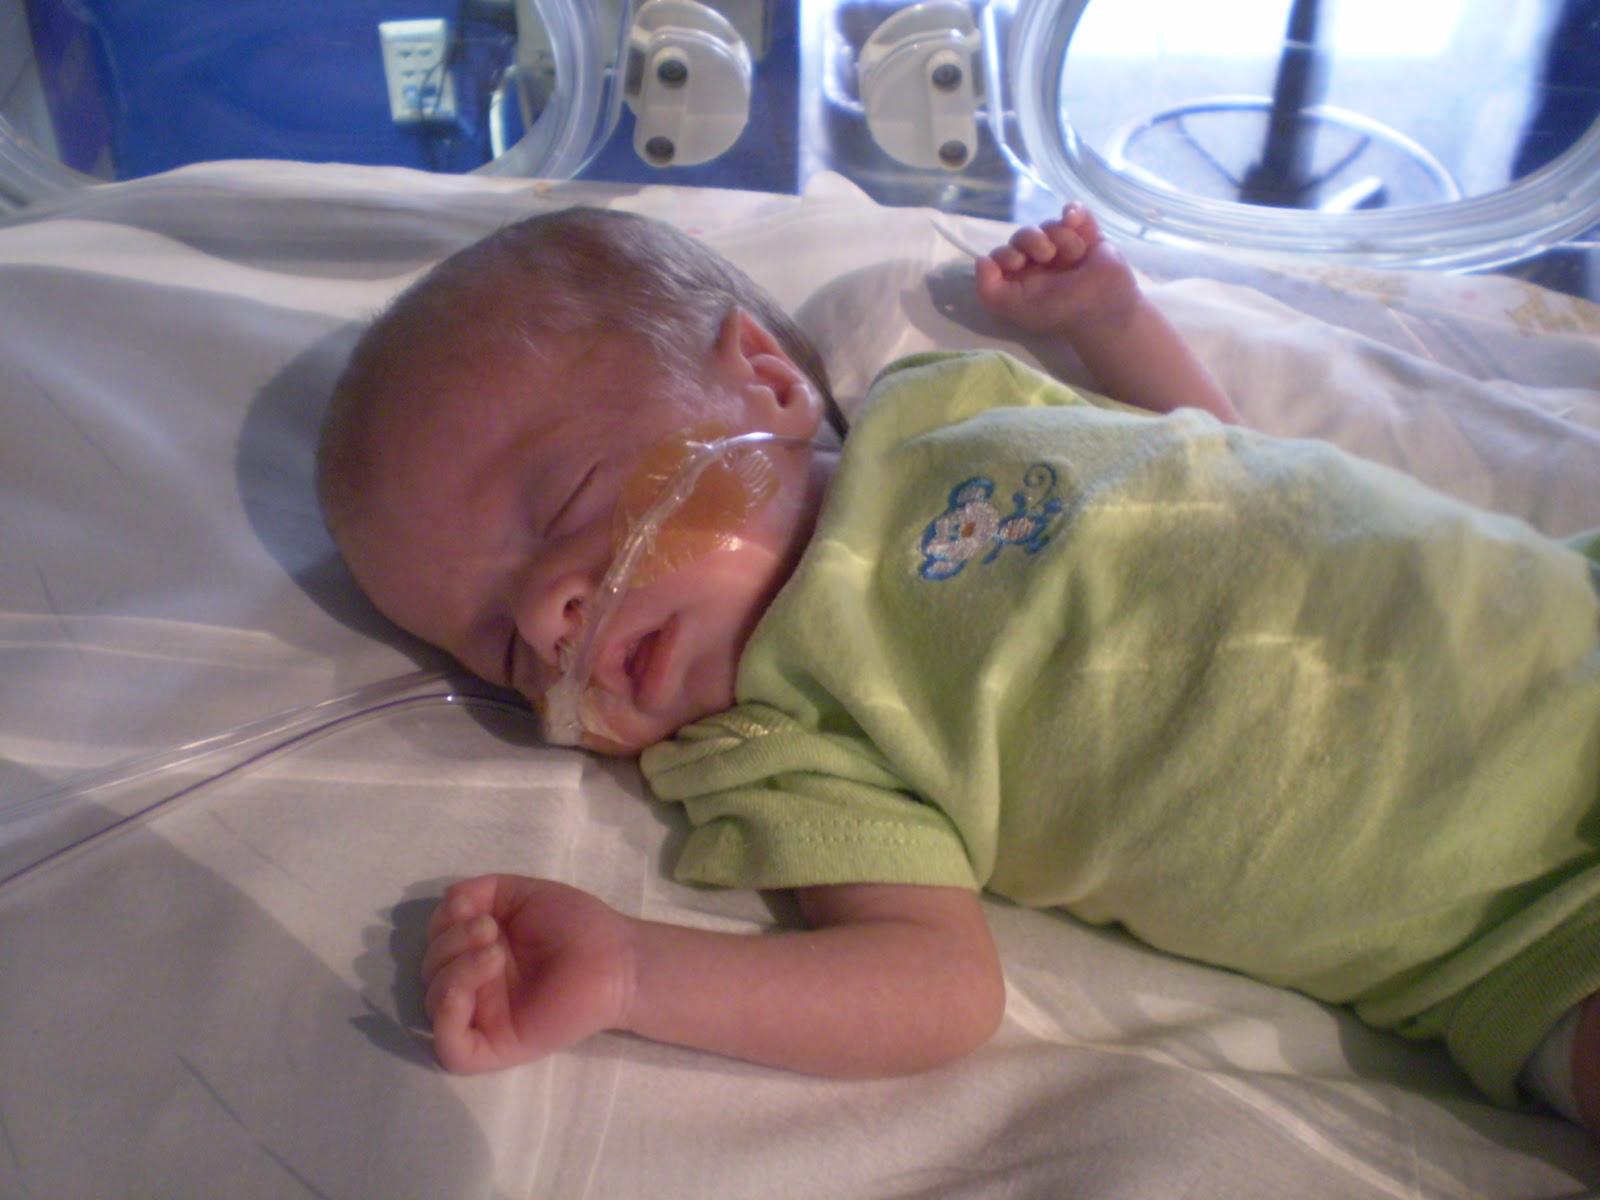 Baby born at 26 weeks